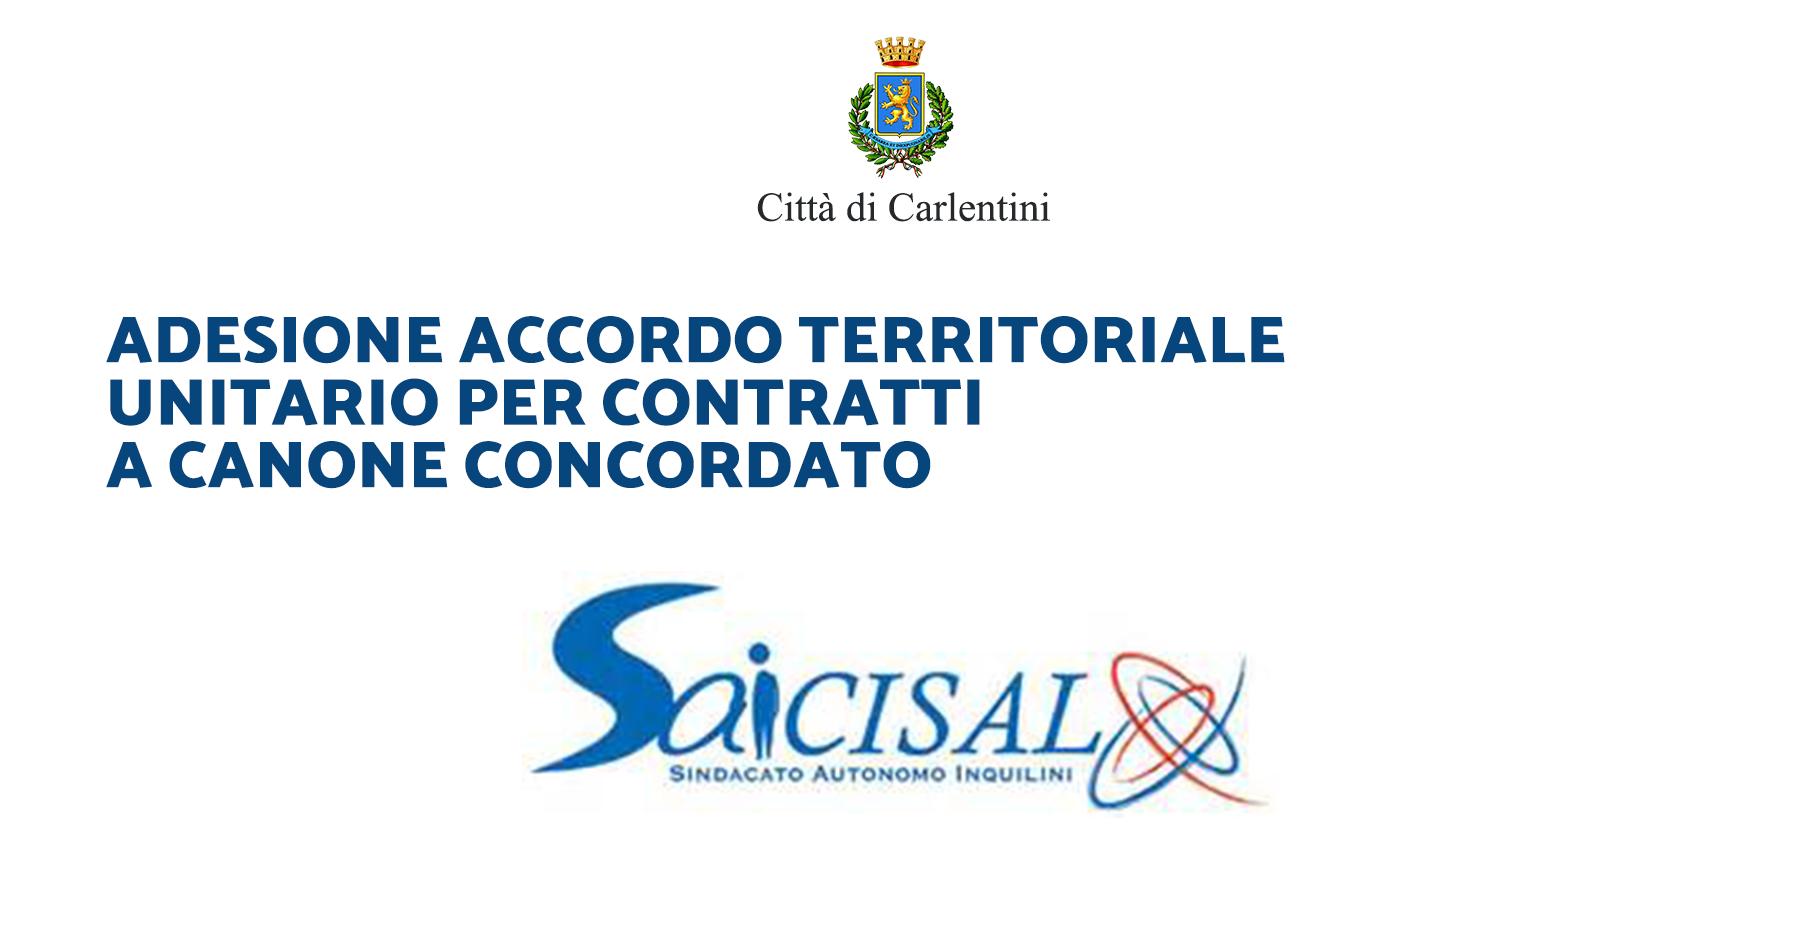 Contratti a canone concordato: accordo territoriale unitario